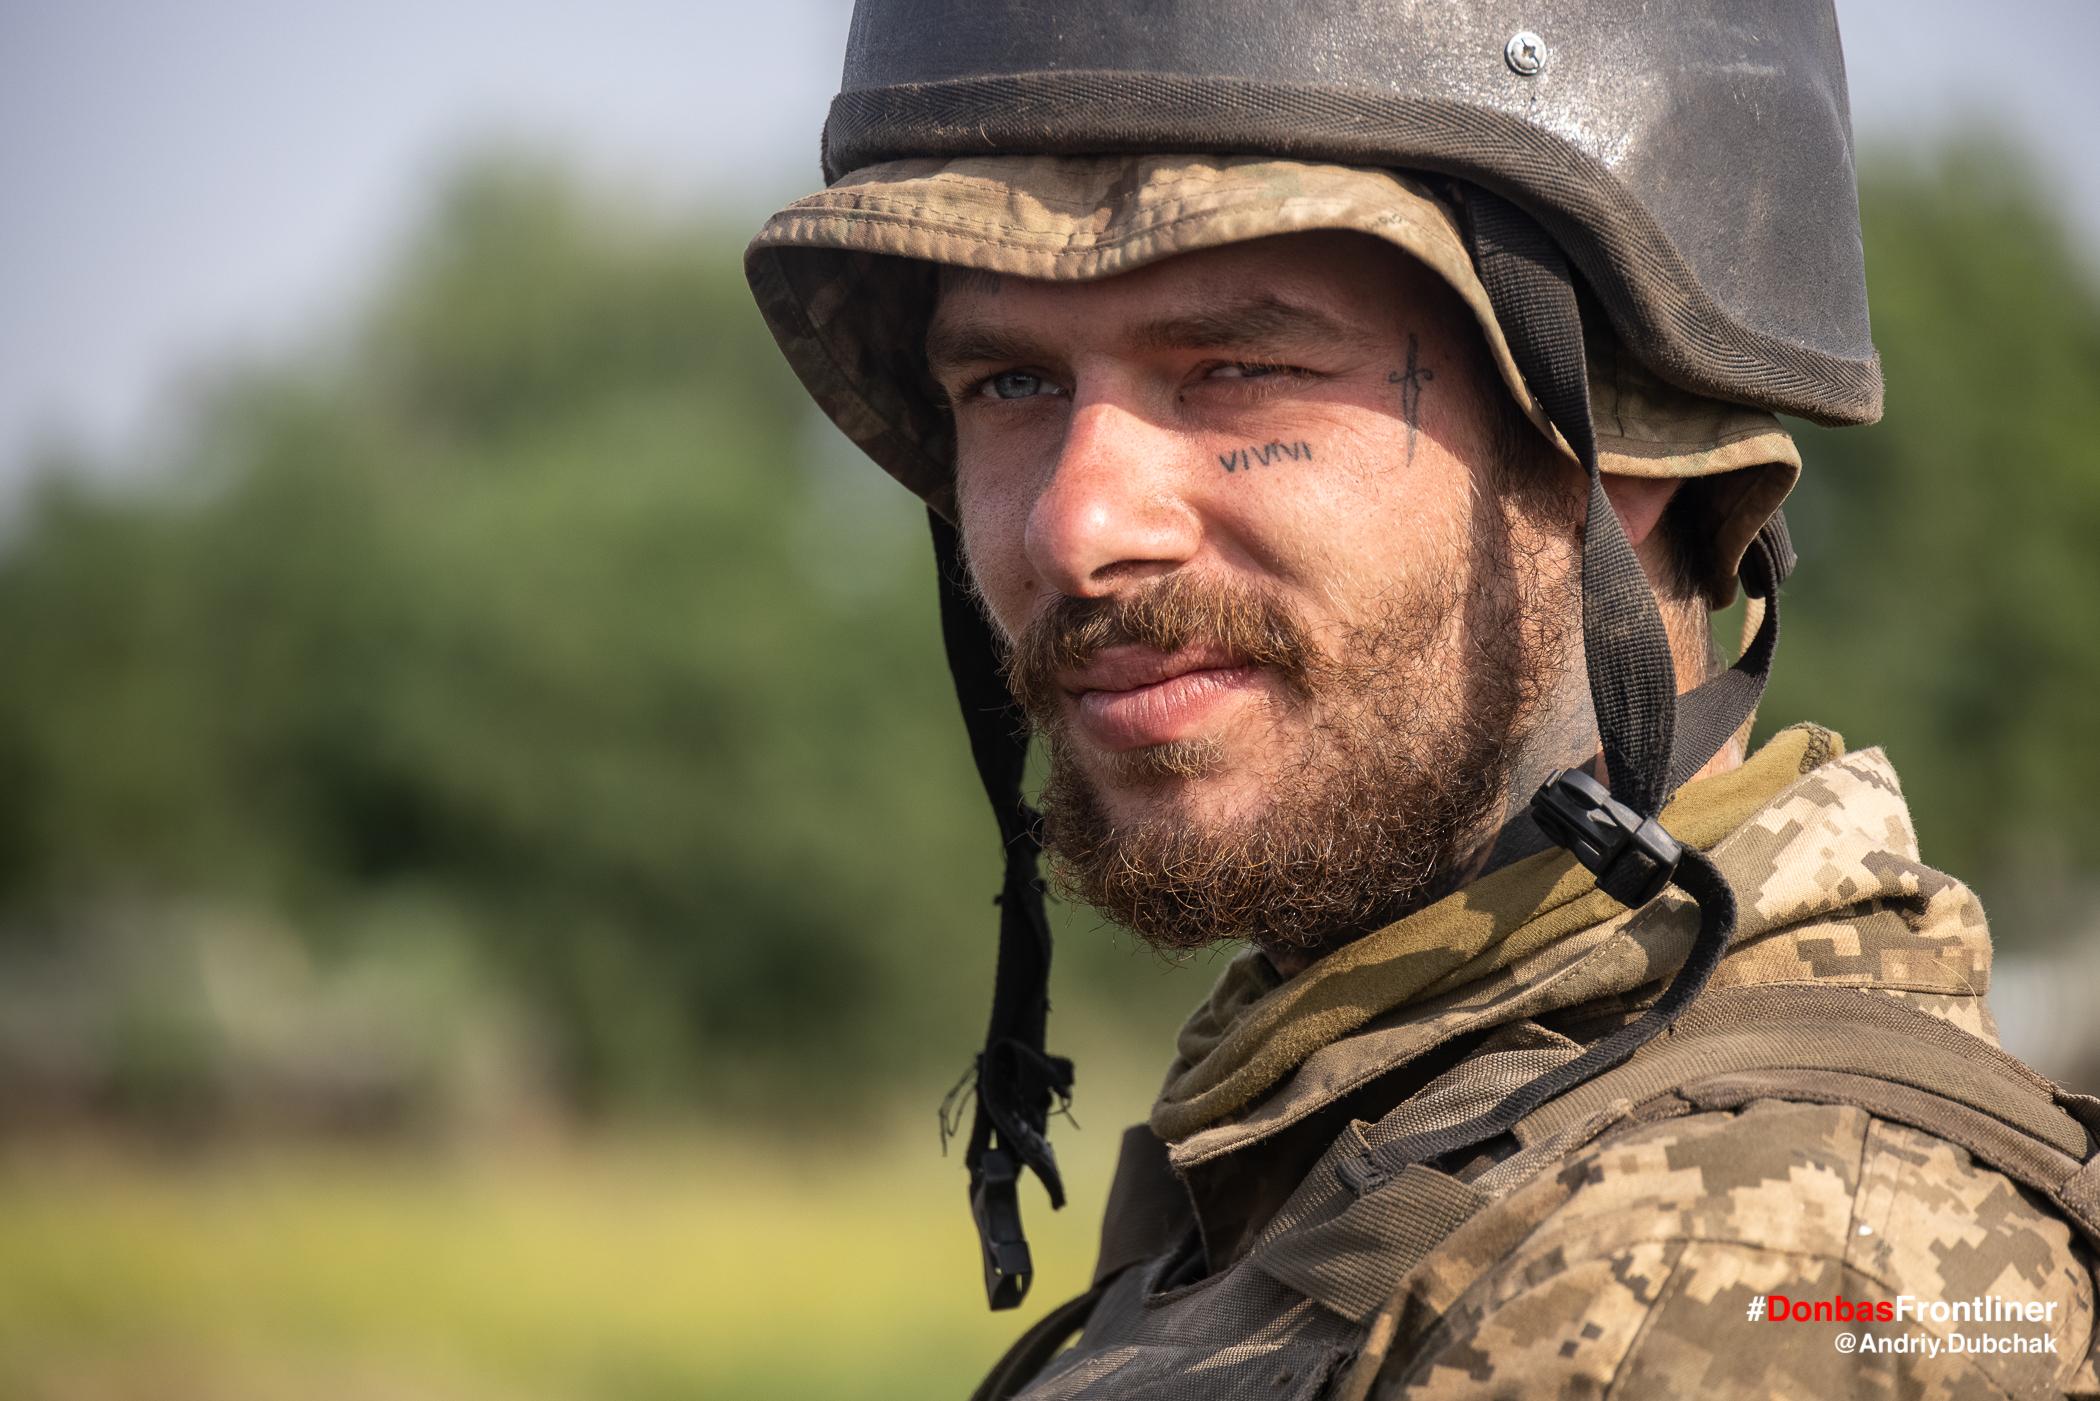 Обличчя морпіха. Бойове тренування 503-го батальйону морської піхоти на Приазов'ї, липень 2021 року